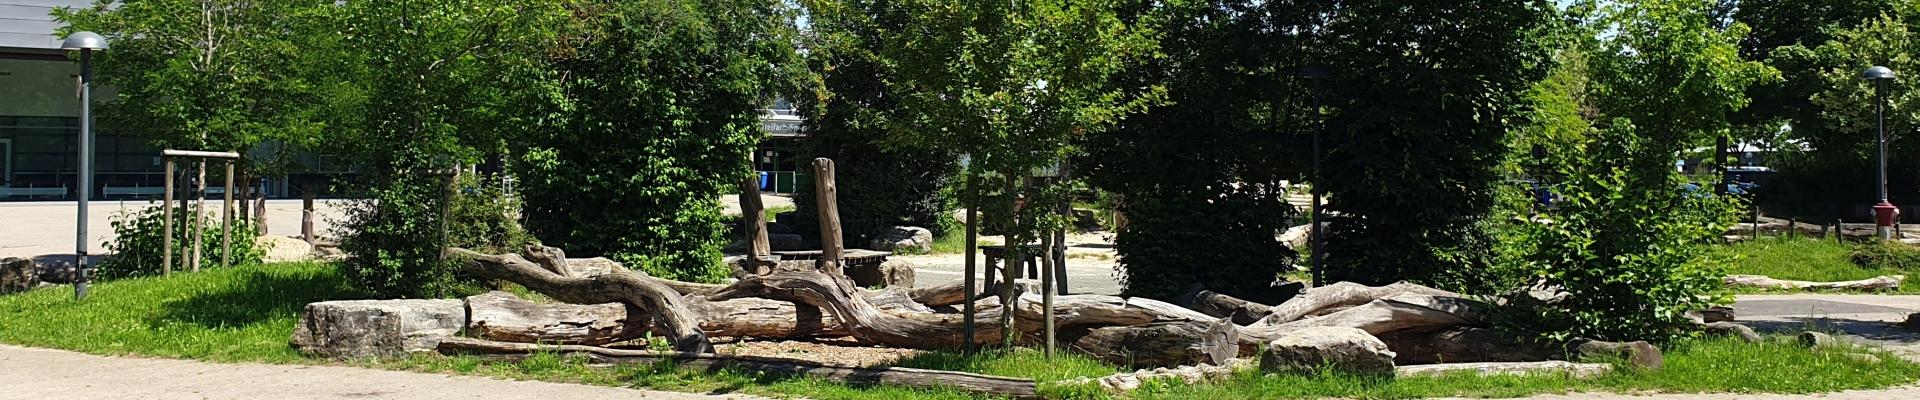 Abiturjahrgang gestaltet Skulpturenpark